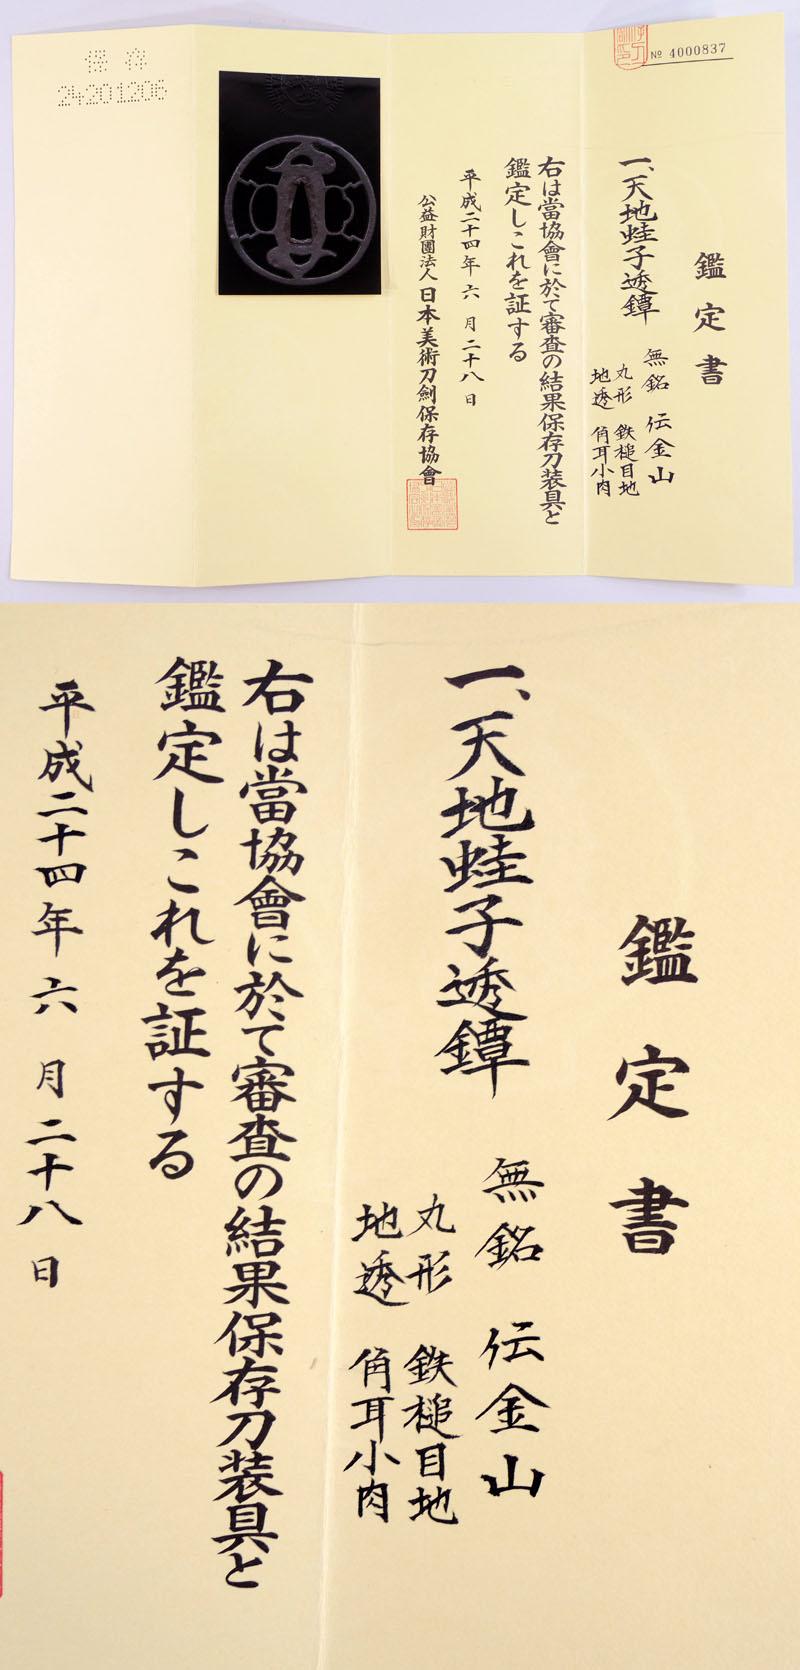 天地蛙子透鍔 無銘 伝金山 Picture of Certificate